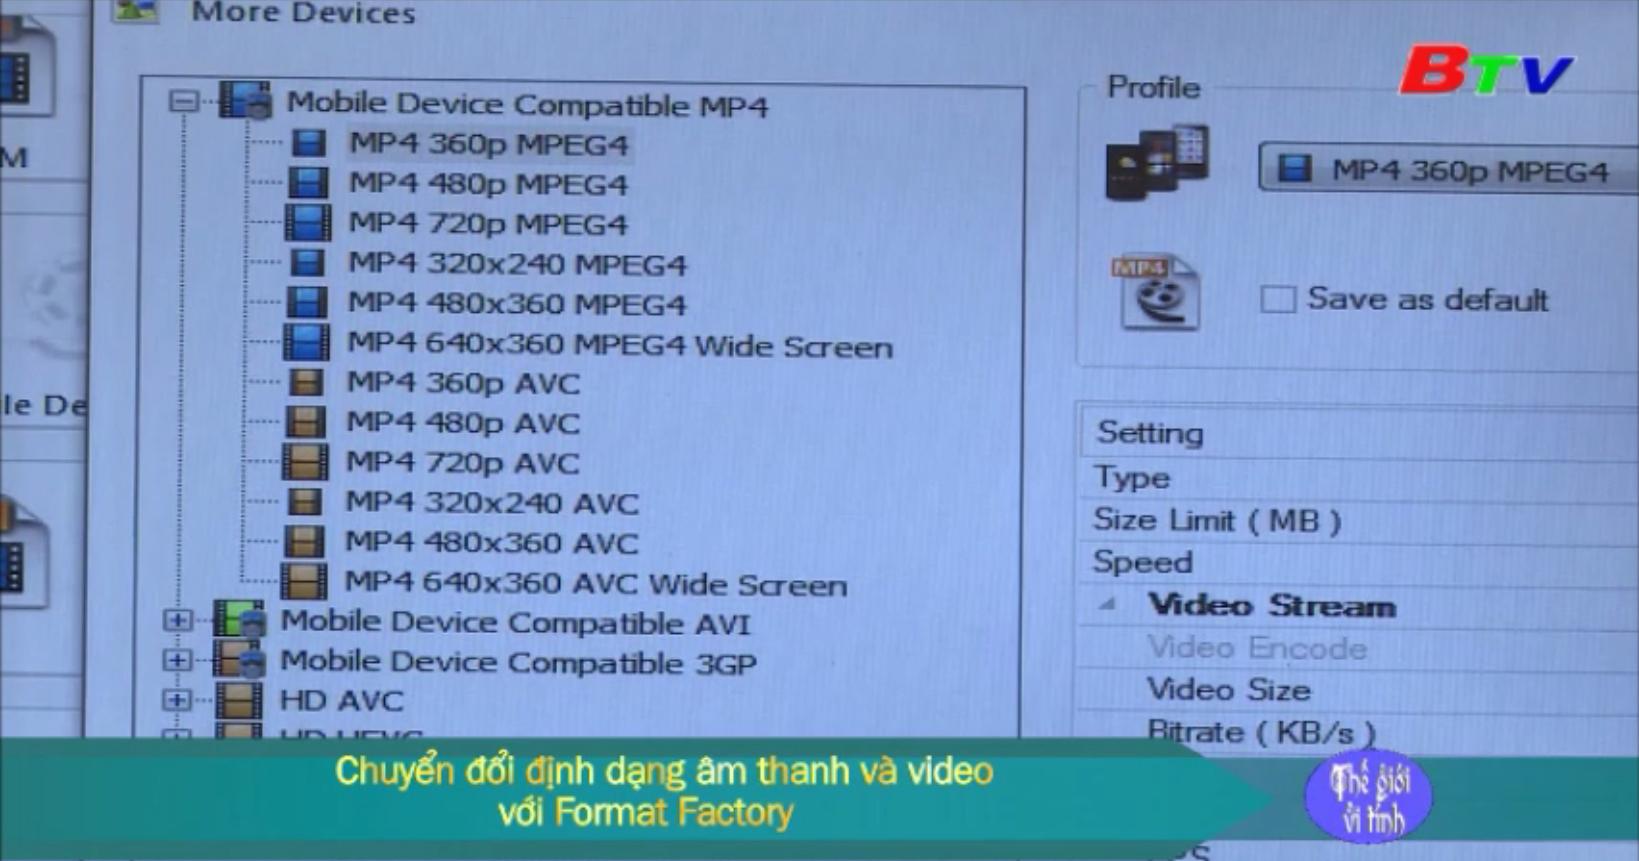 Chuyển đổi định dạng âm thanh và video với Format Factory